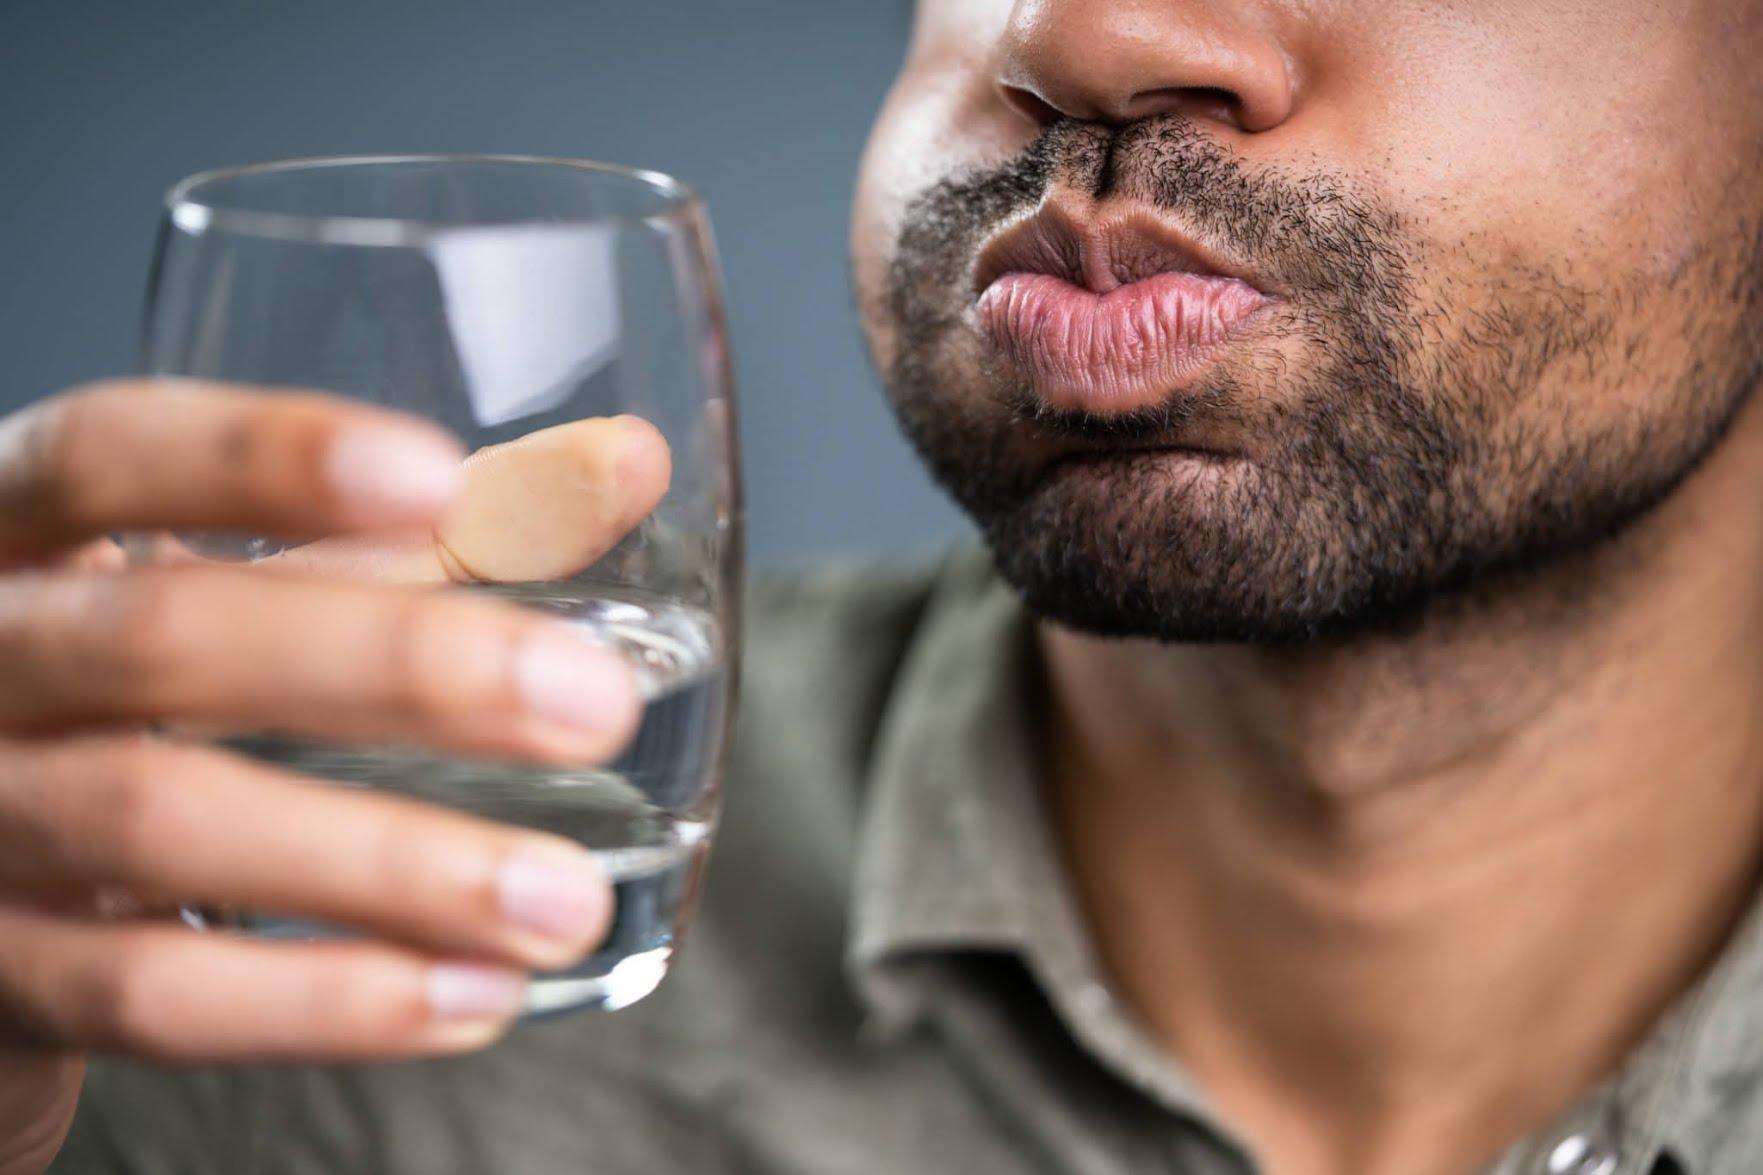 Bien s'hydrater pour éviter la mauvaise haleine